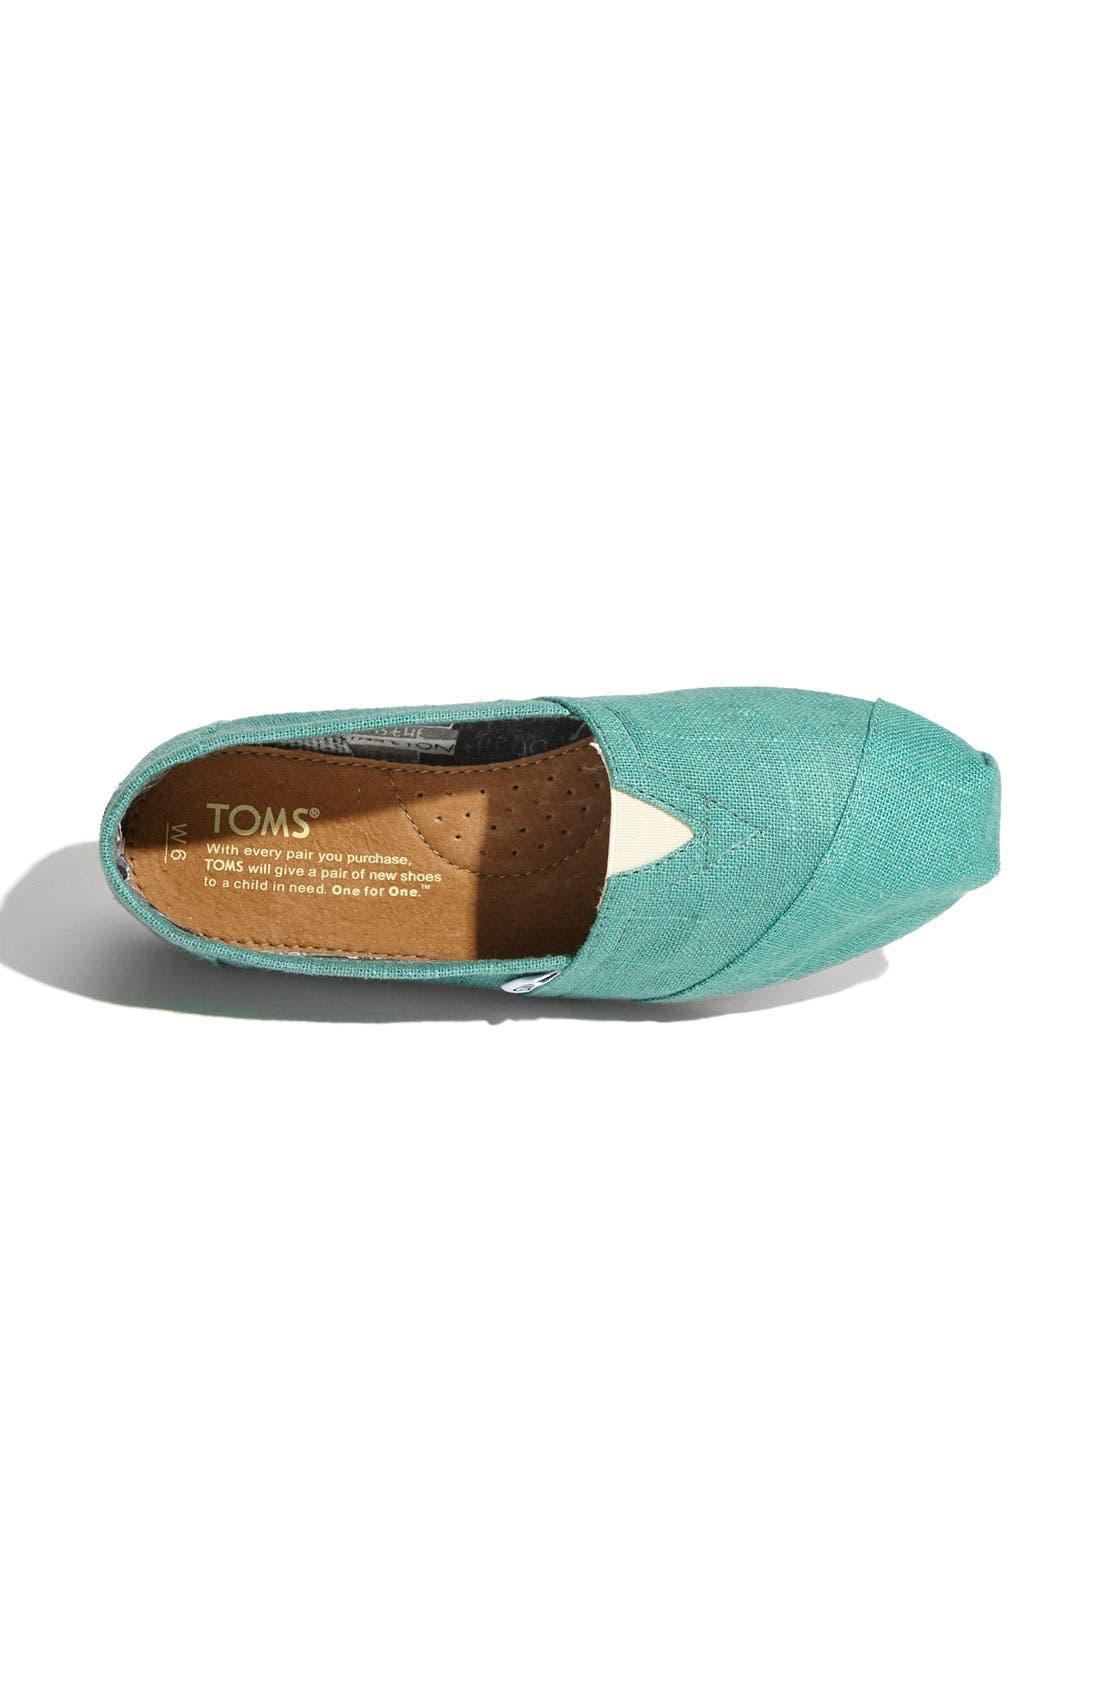 TOMS, 'Classic' Linen Slip-On, Alternate thumbnail 4, color, 330